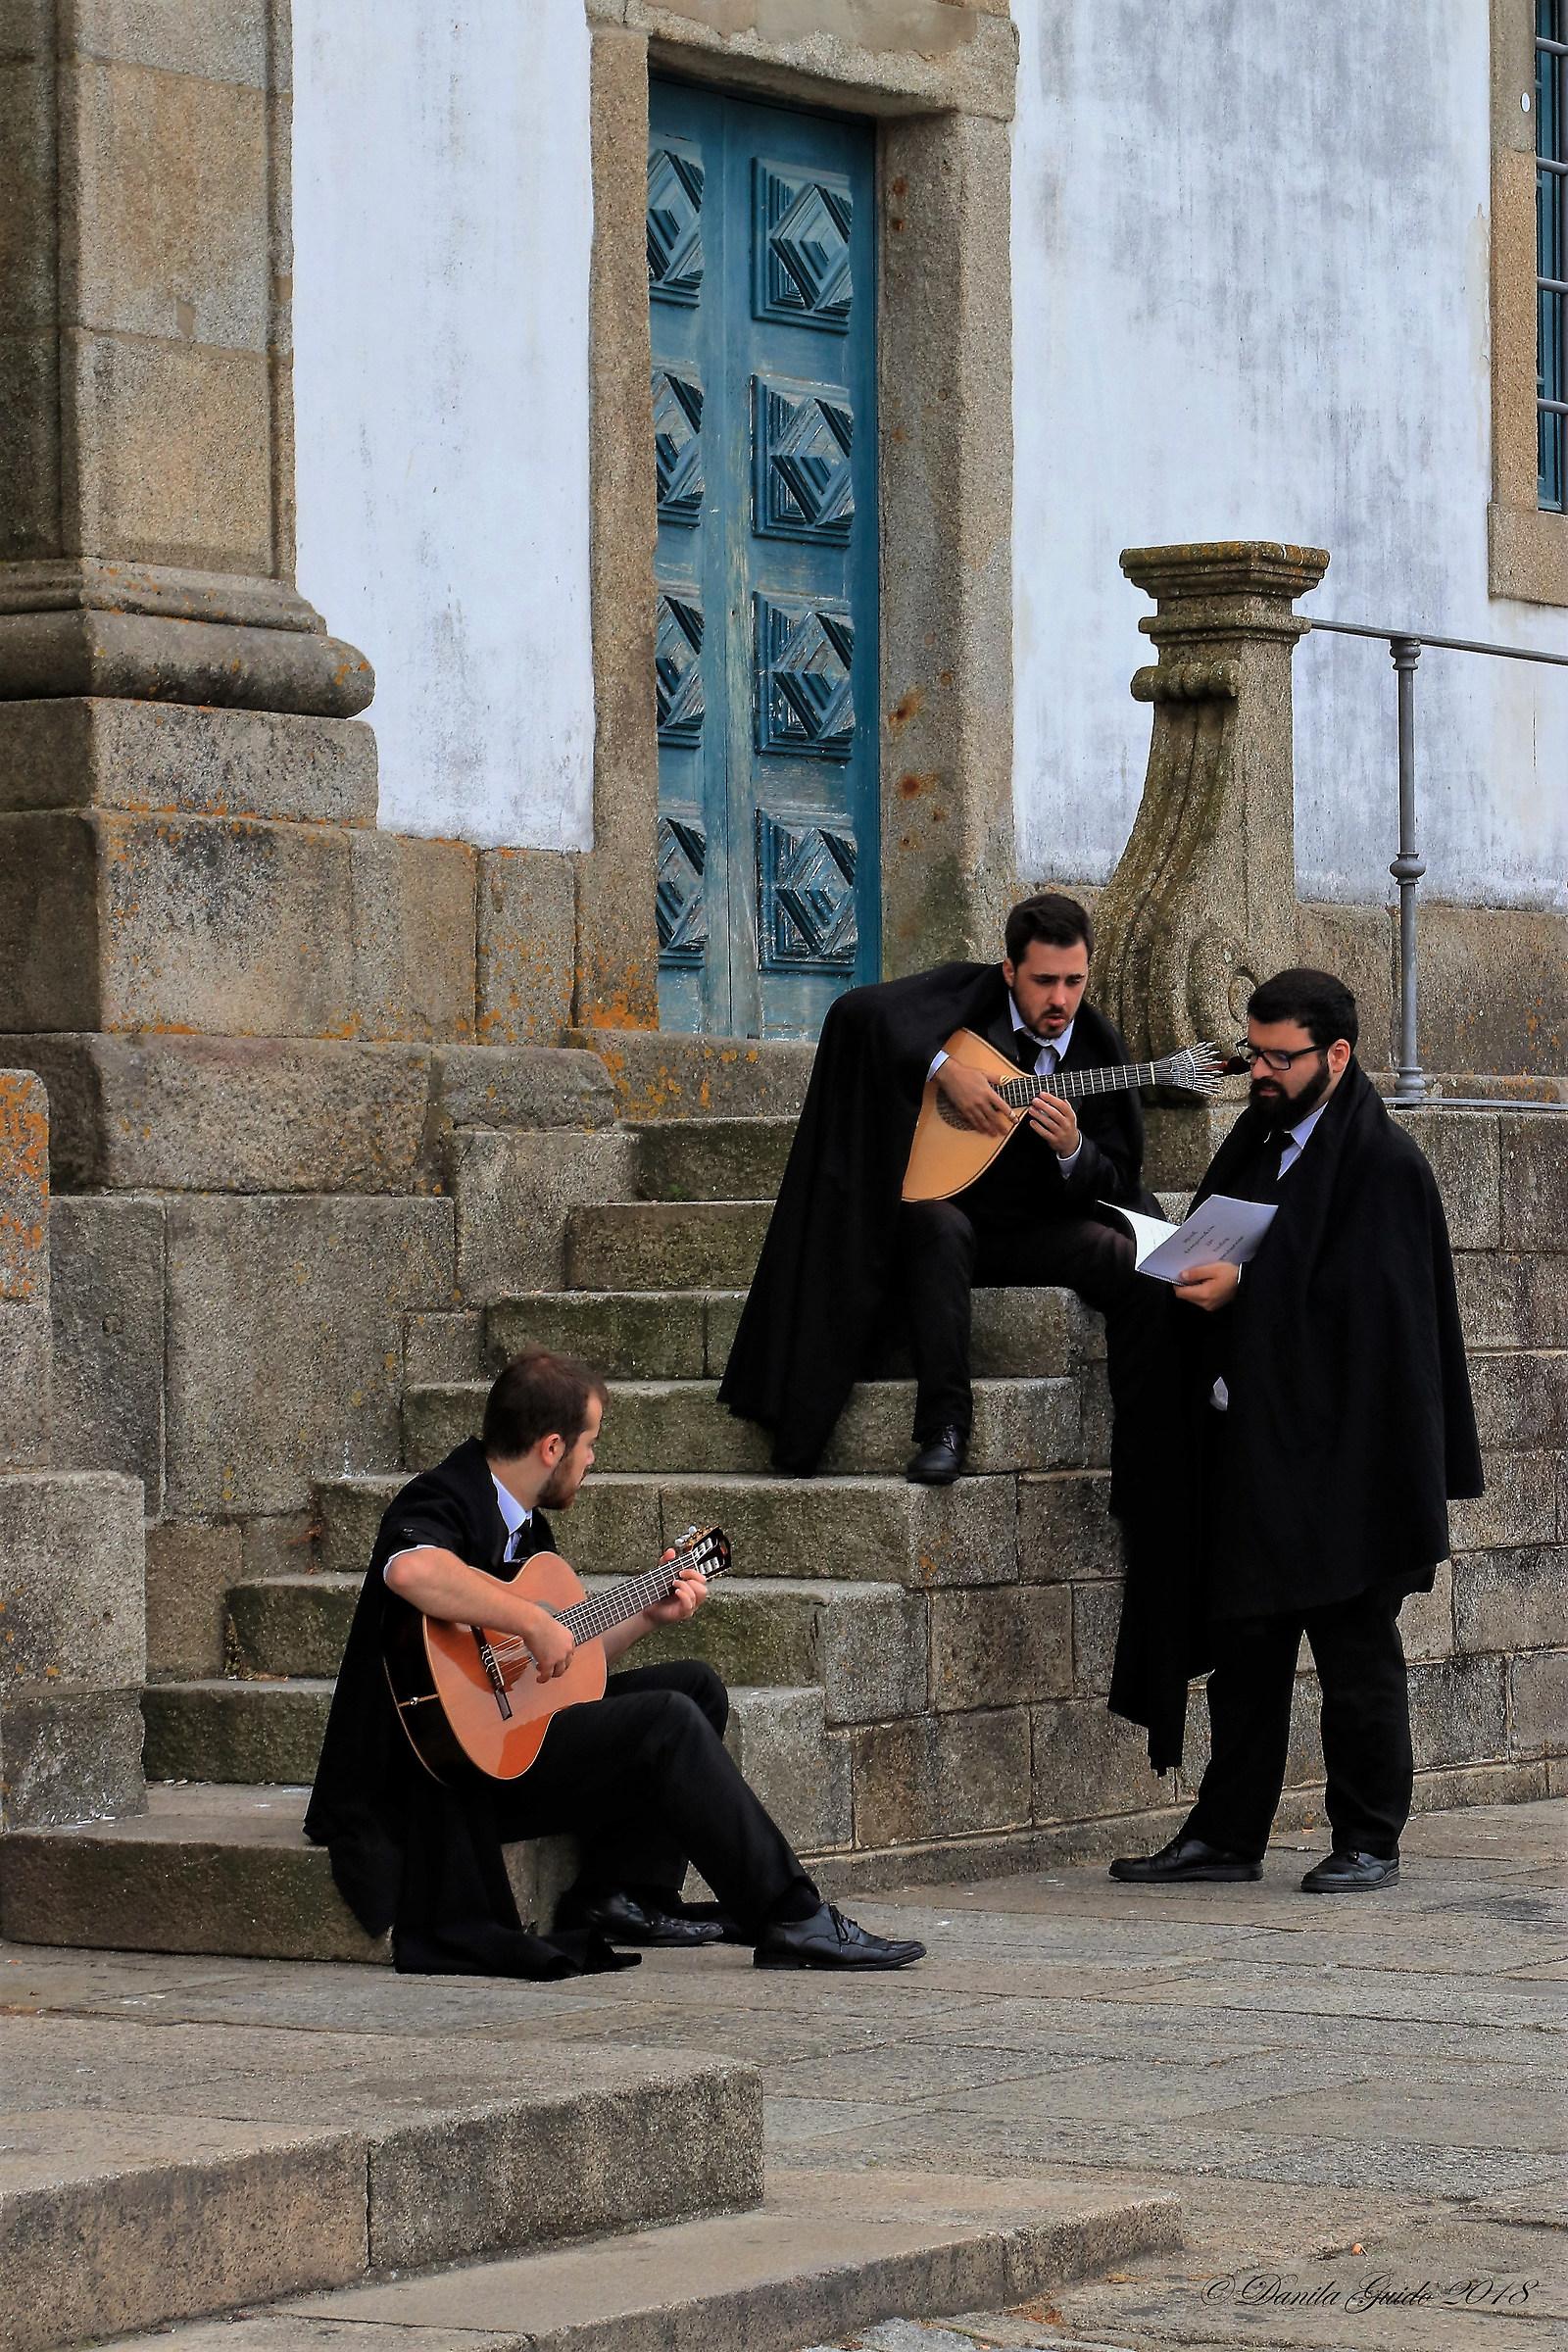 intoning a fado in Porto...